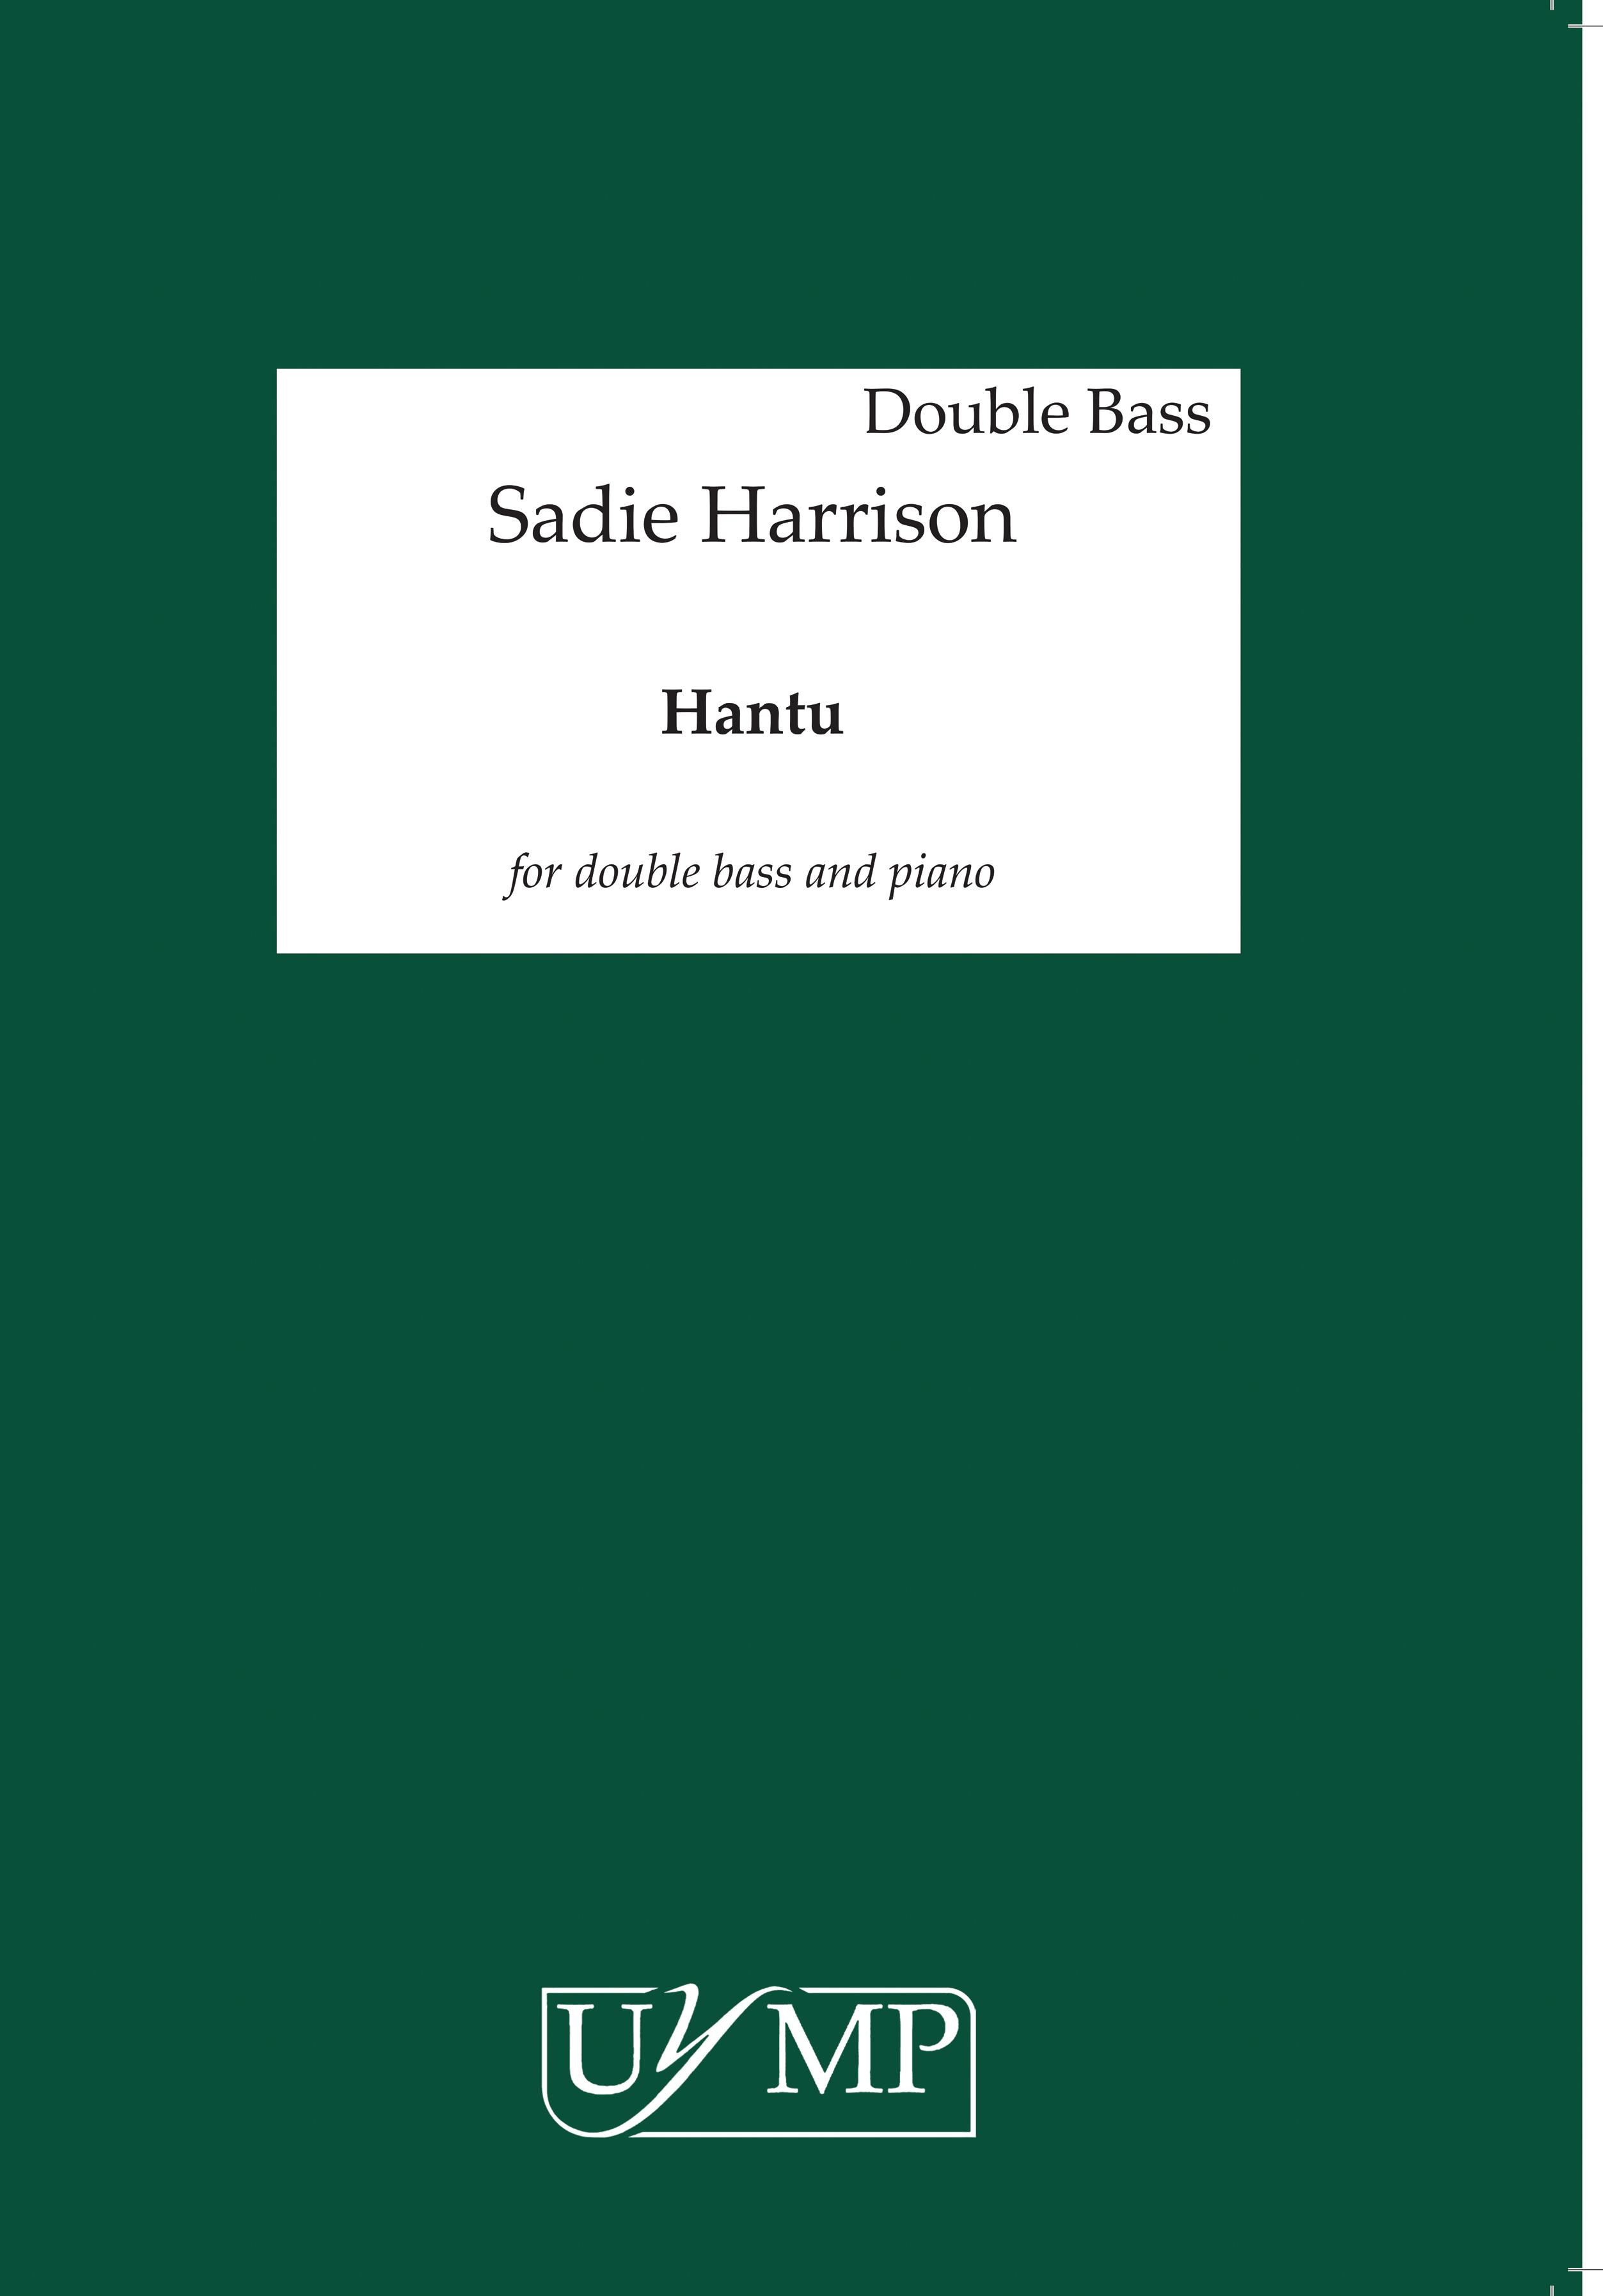 Sadie Harrison: Hantu: Double Bass: Score